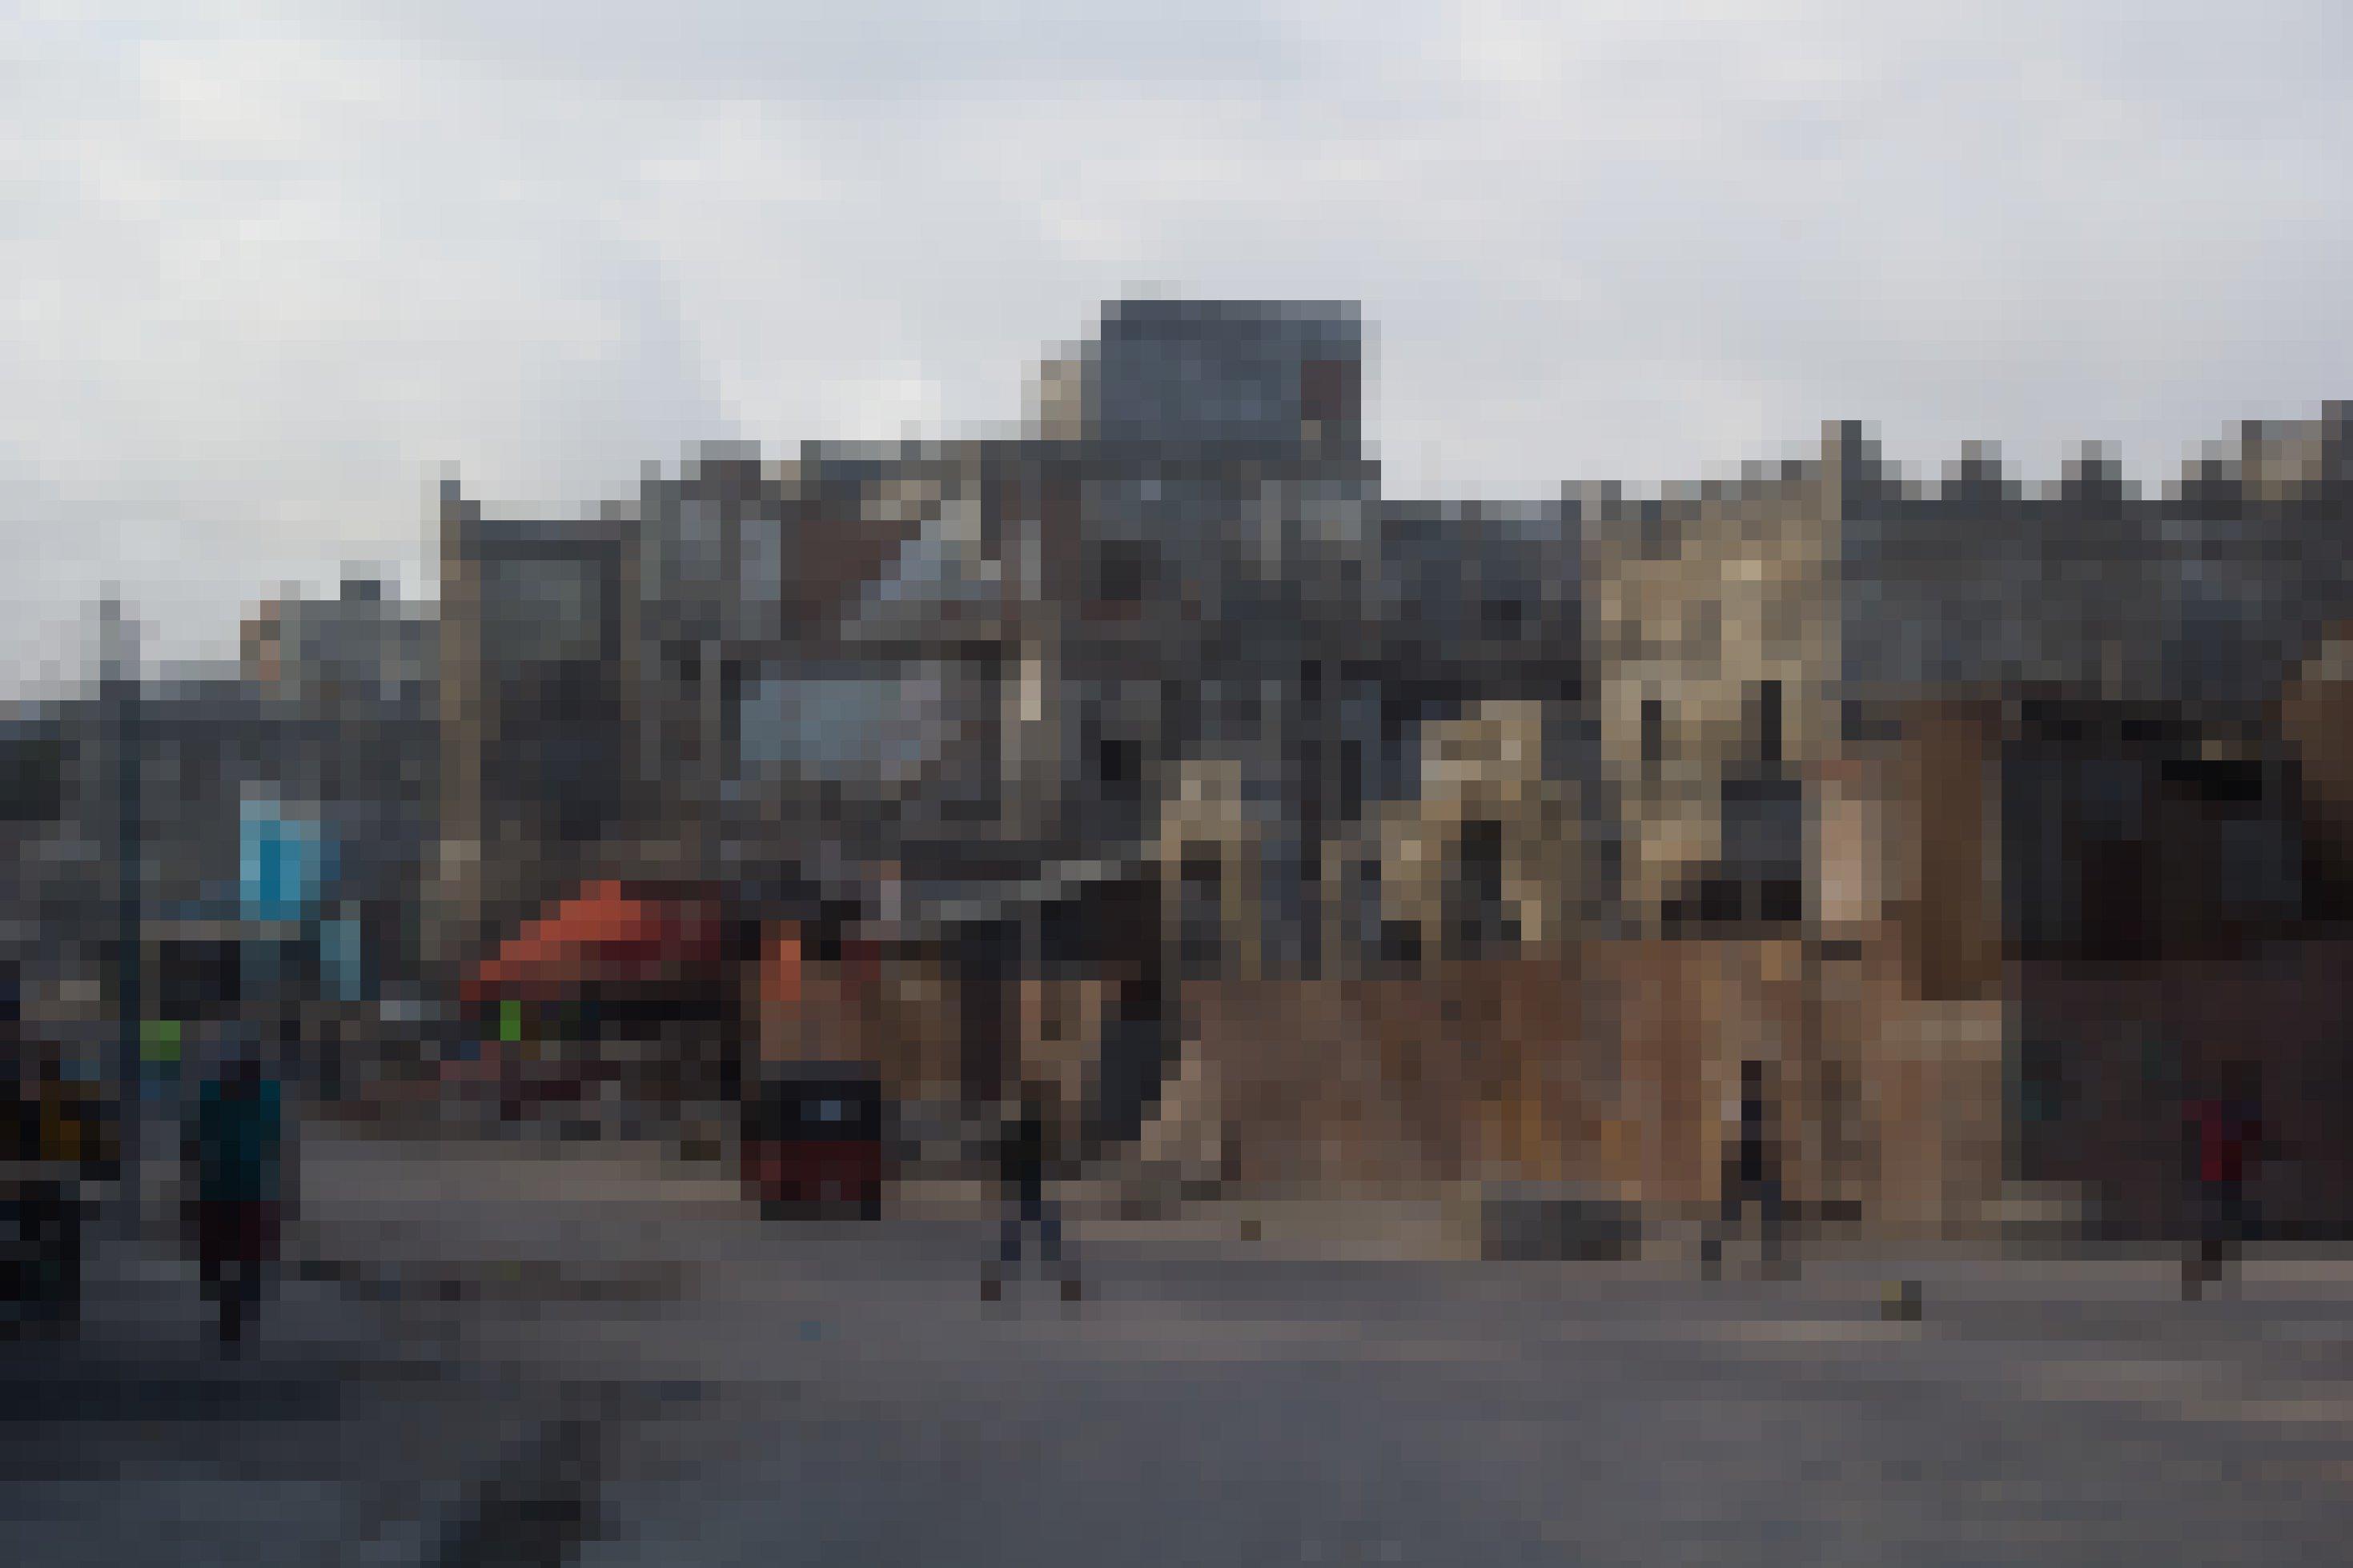 Zu sehen ist eine breite Straße, alle Gebäude am Rand sind zerstört. Auf der Straße vereinzelte motorisierte Dreiräder und Passanten.